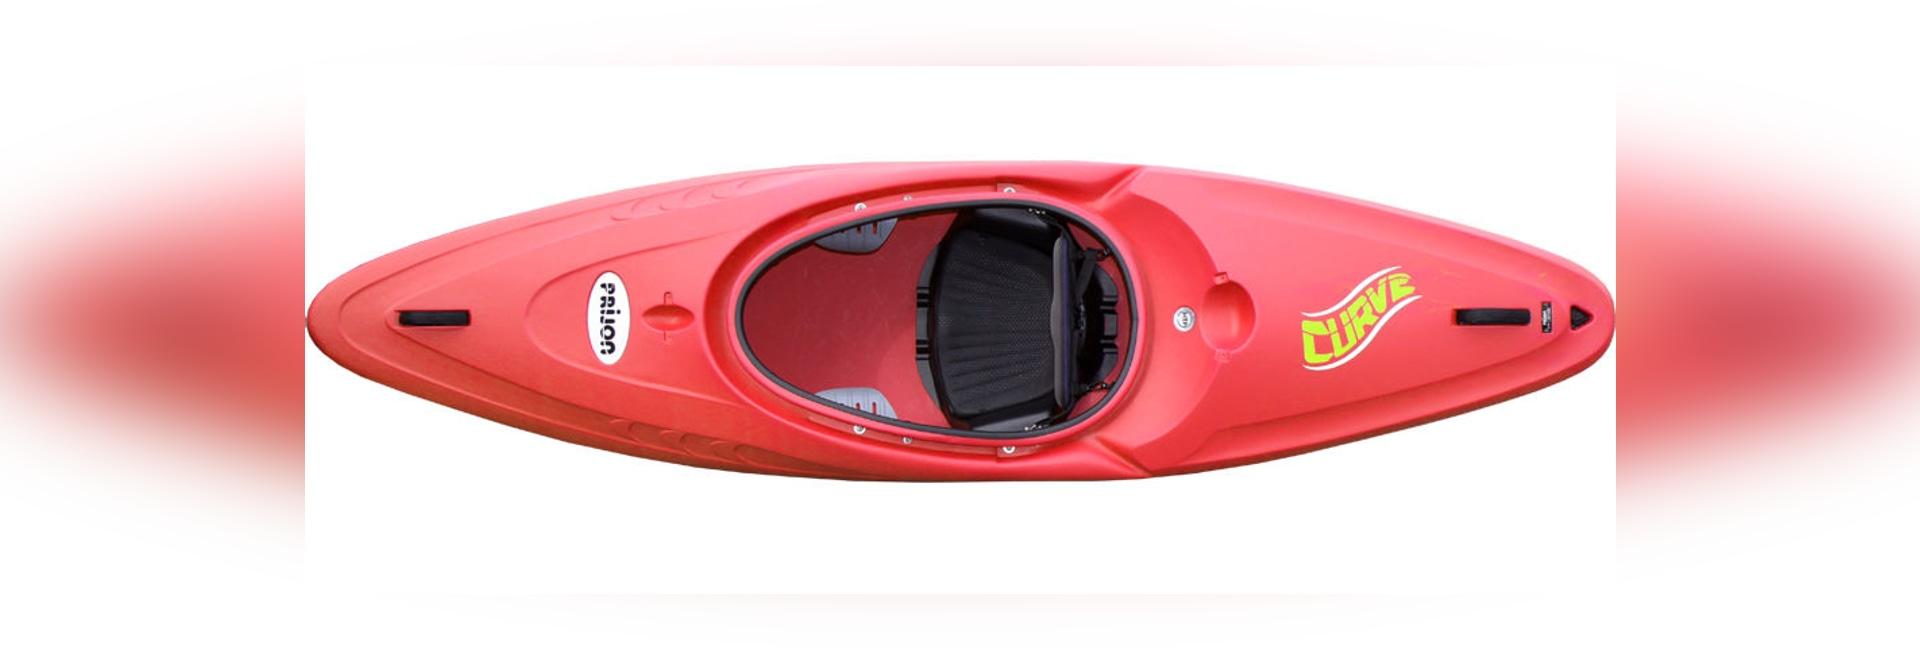 NEW: white-water kayak by Prijon